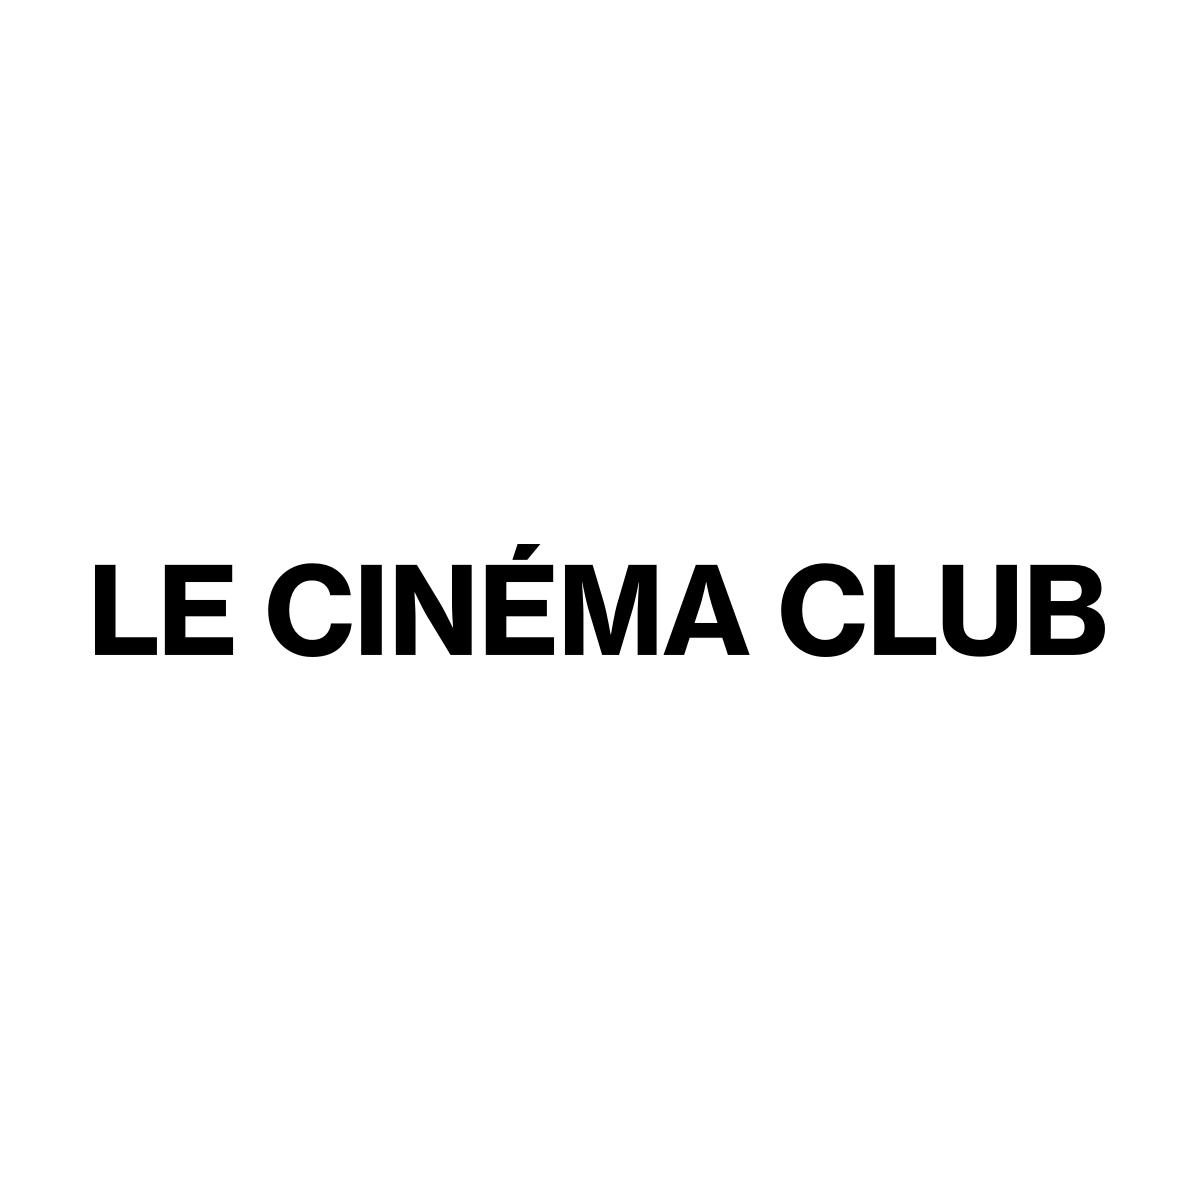 Le Cinéma Club